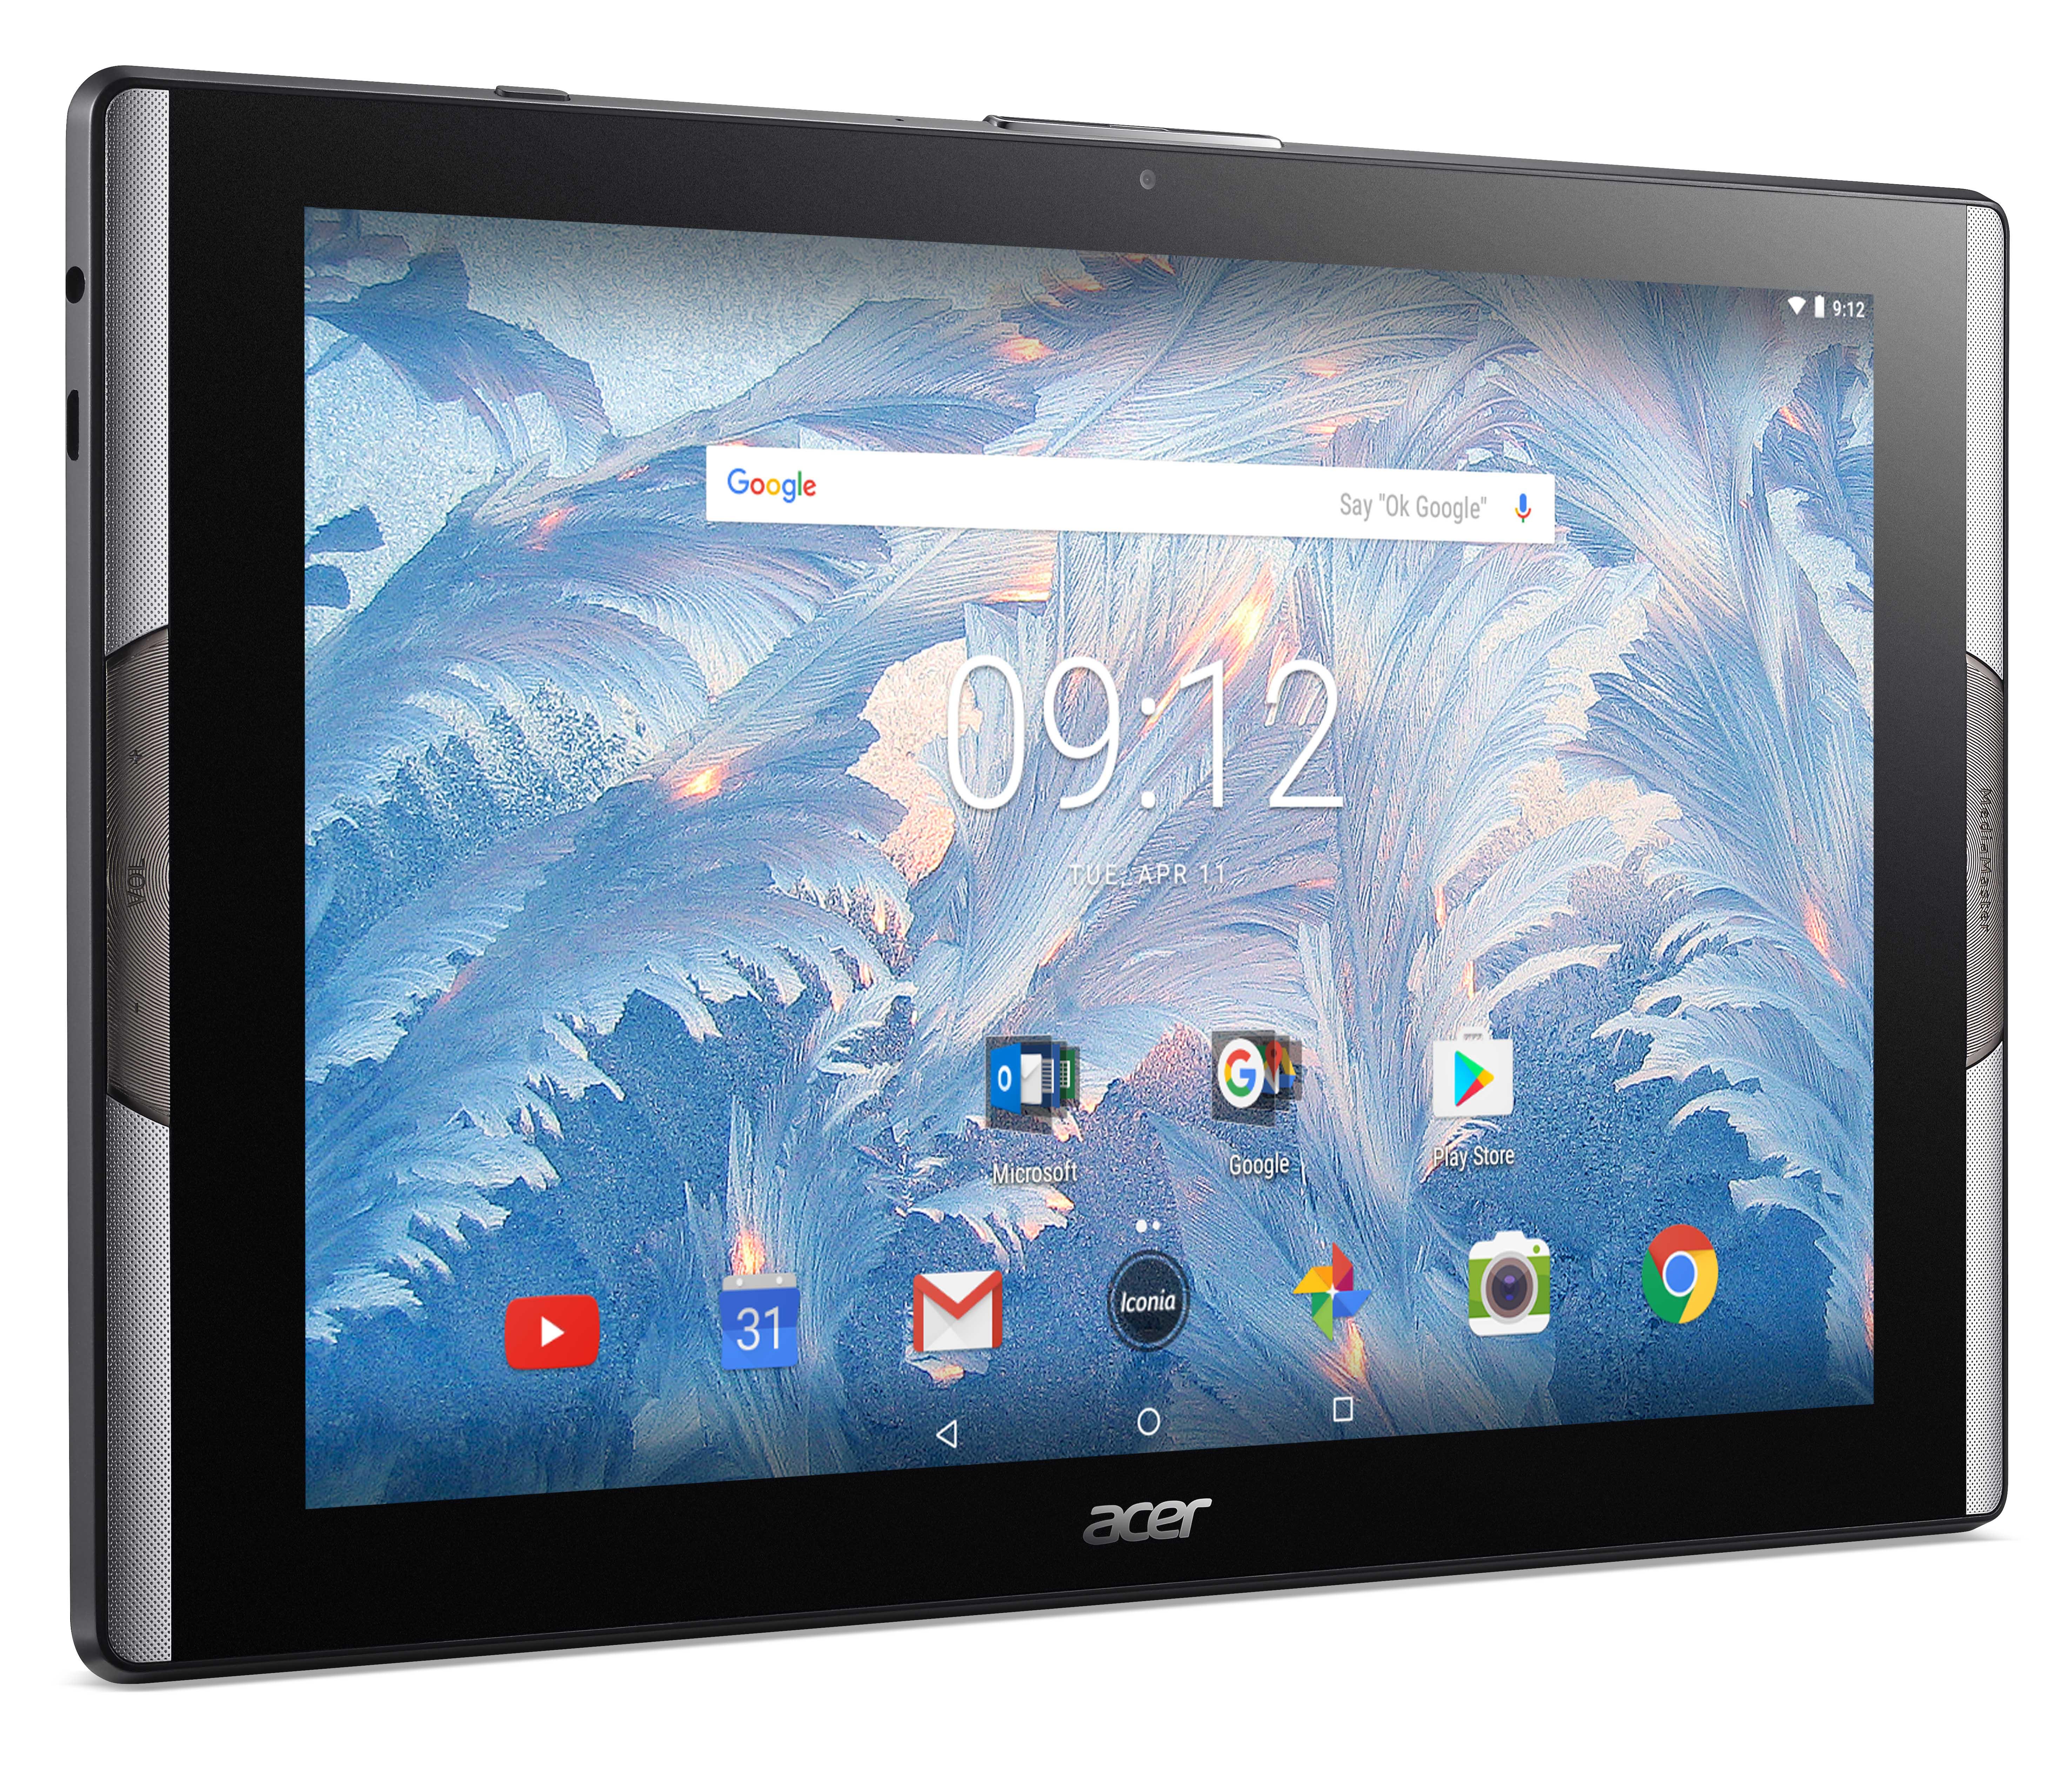 Acer wprowadza na rynek tablet z wyświetlaczem Quantum-Dot